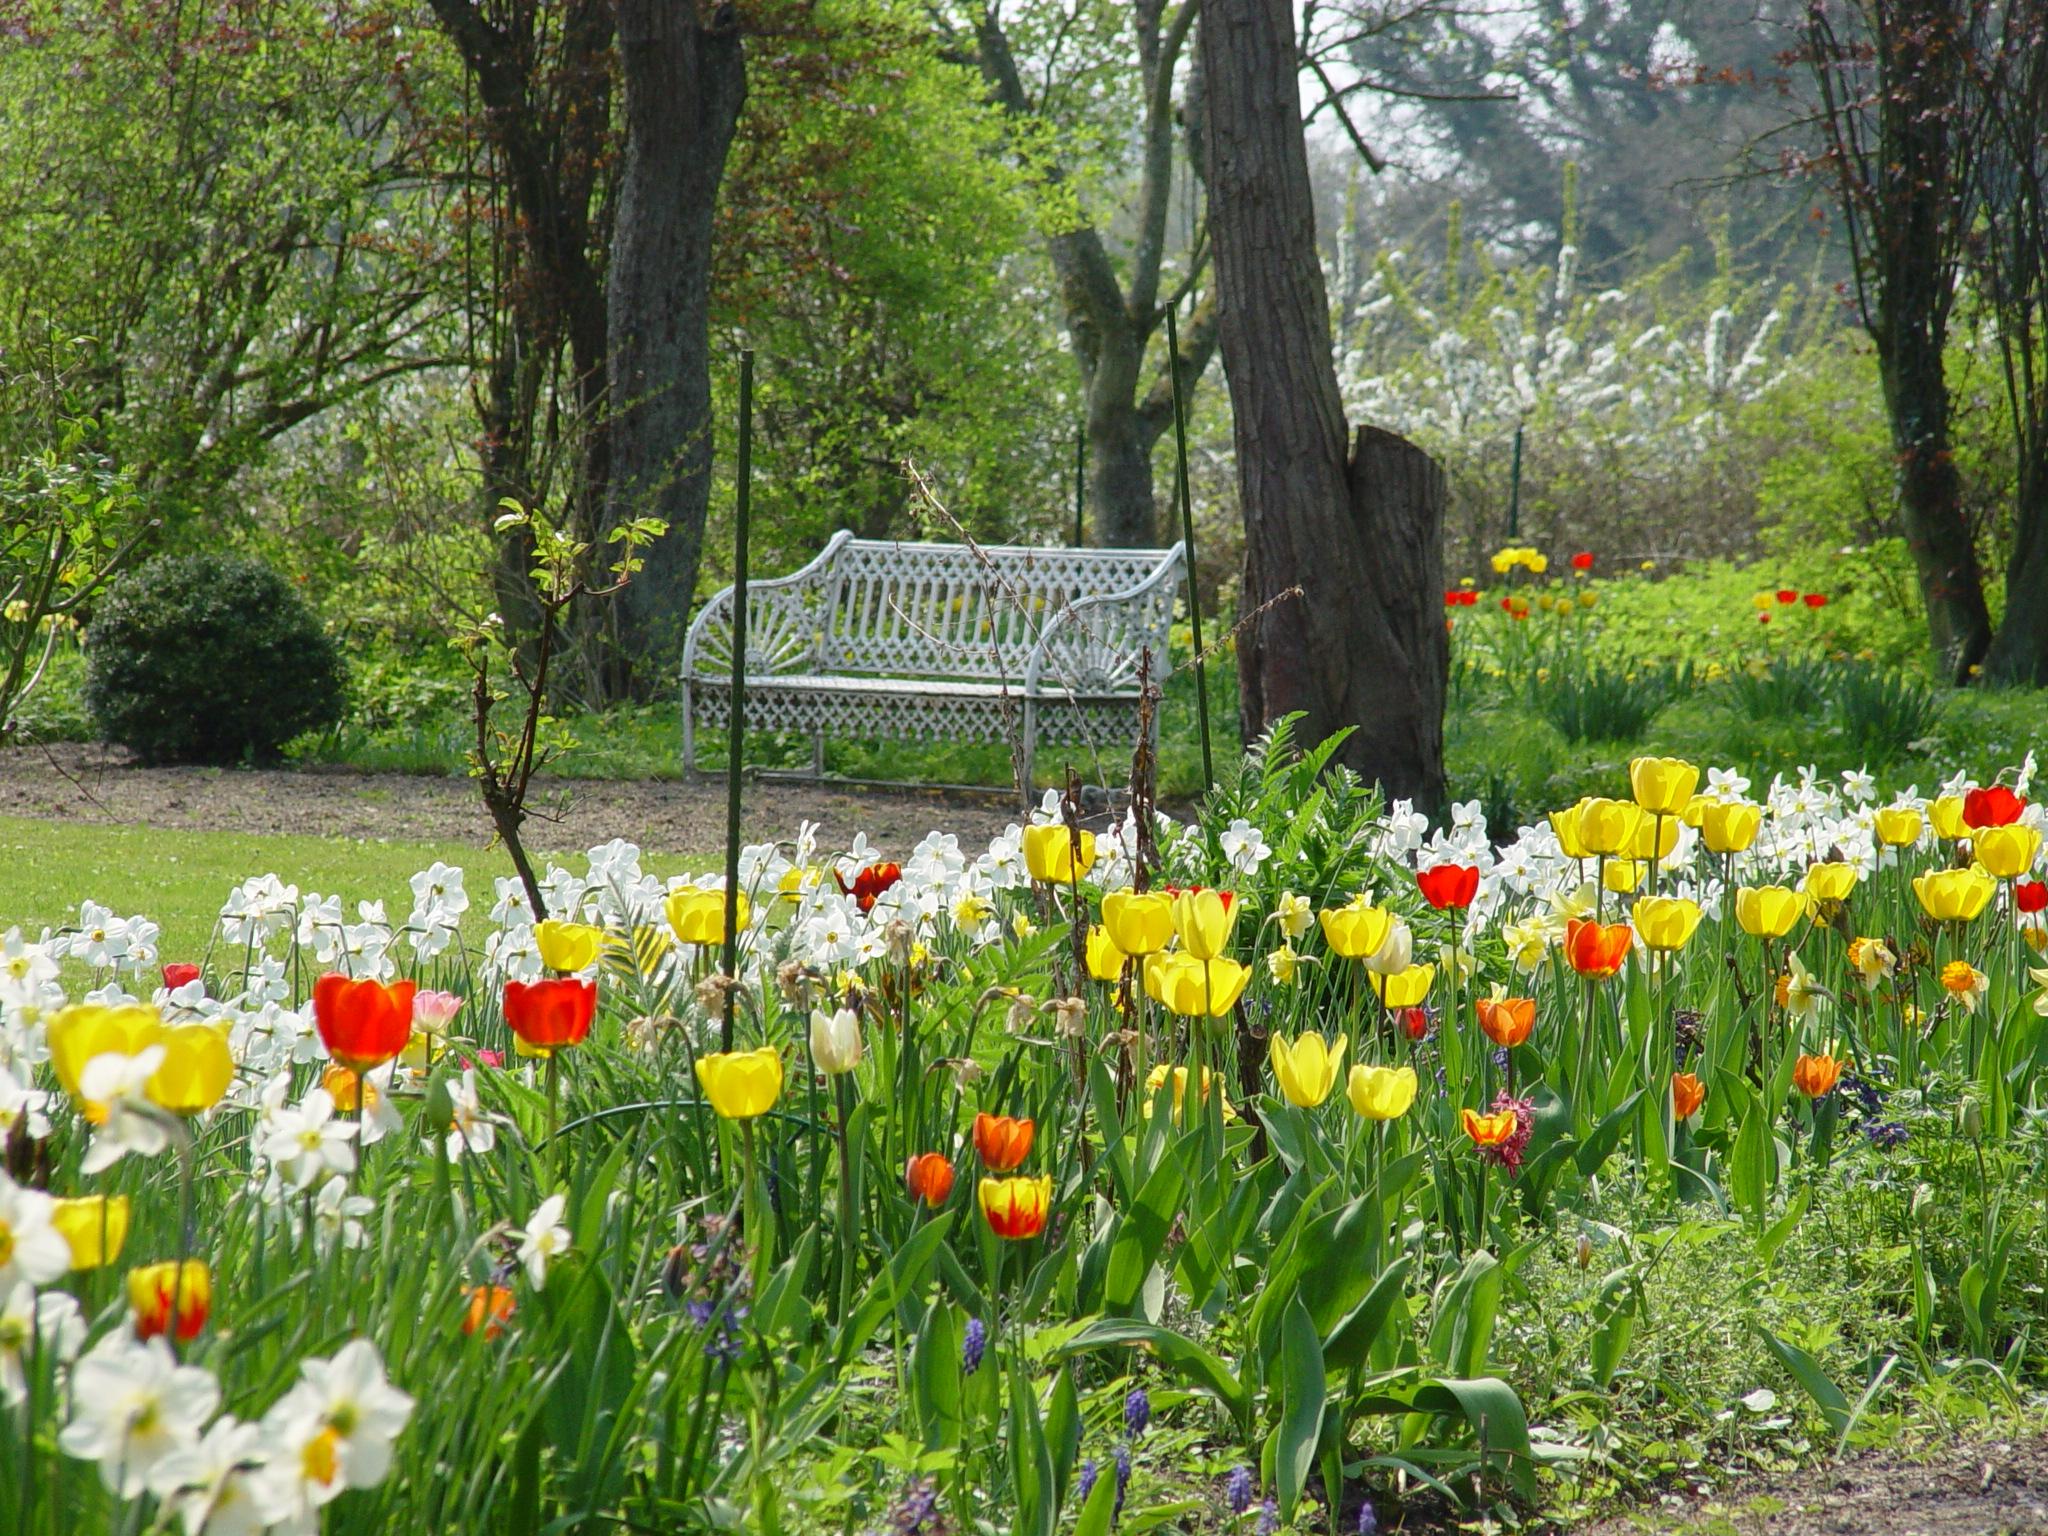 Gut Friederikenhof - ein idyllischer Platz inmitten der Frühlingsblumen